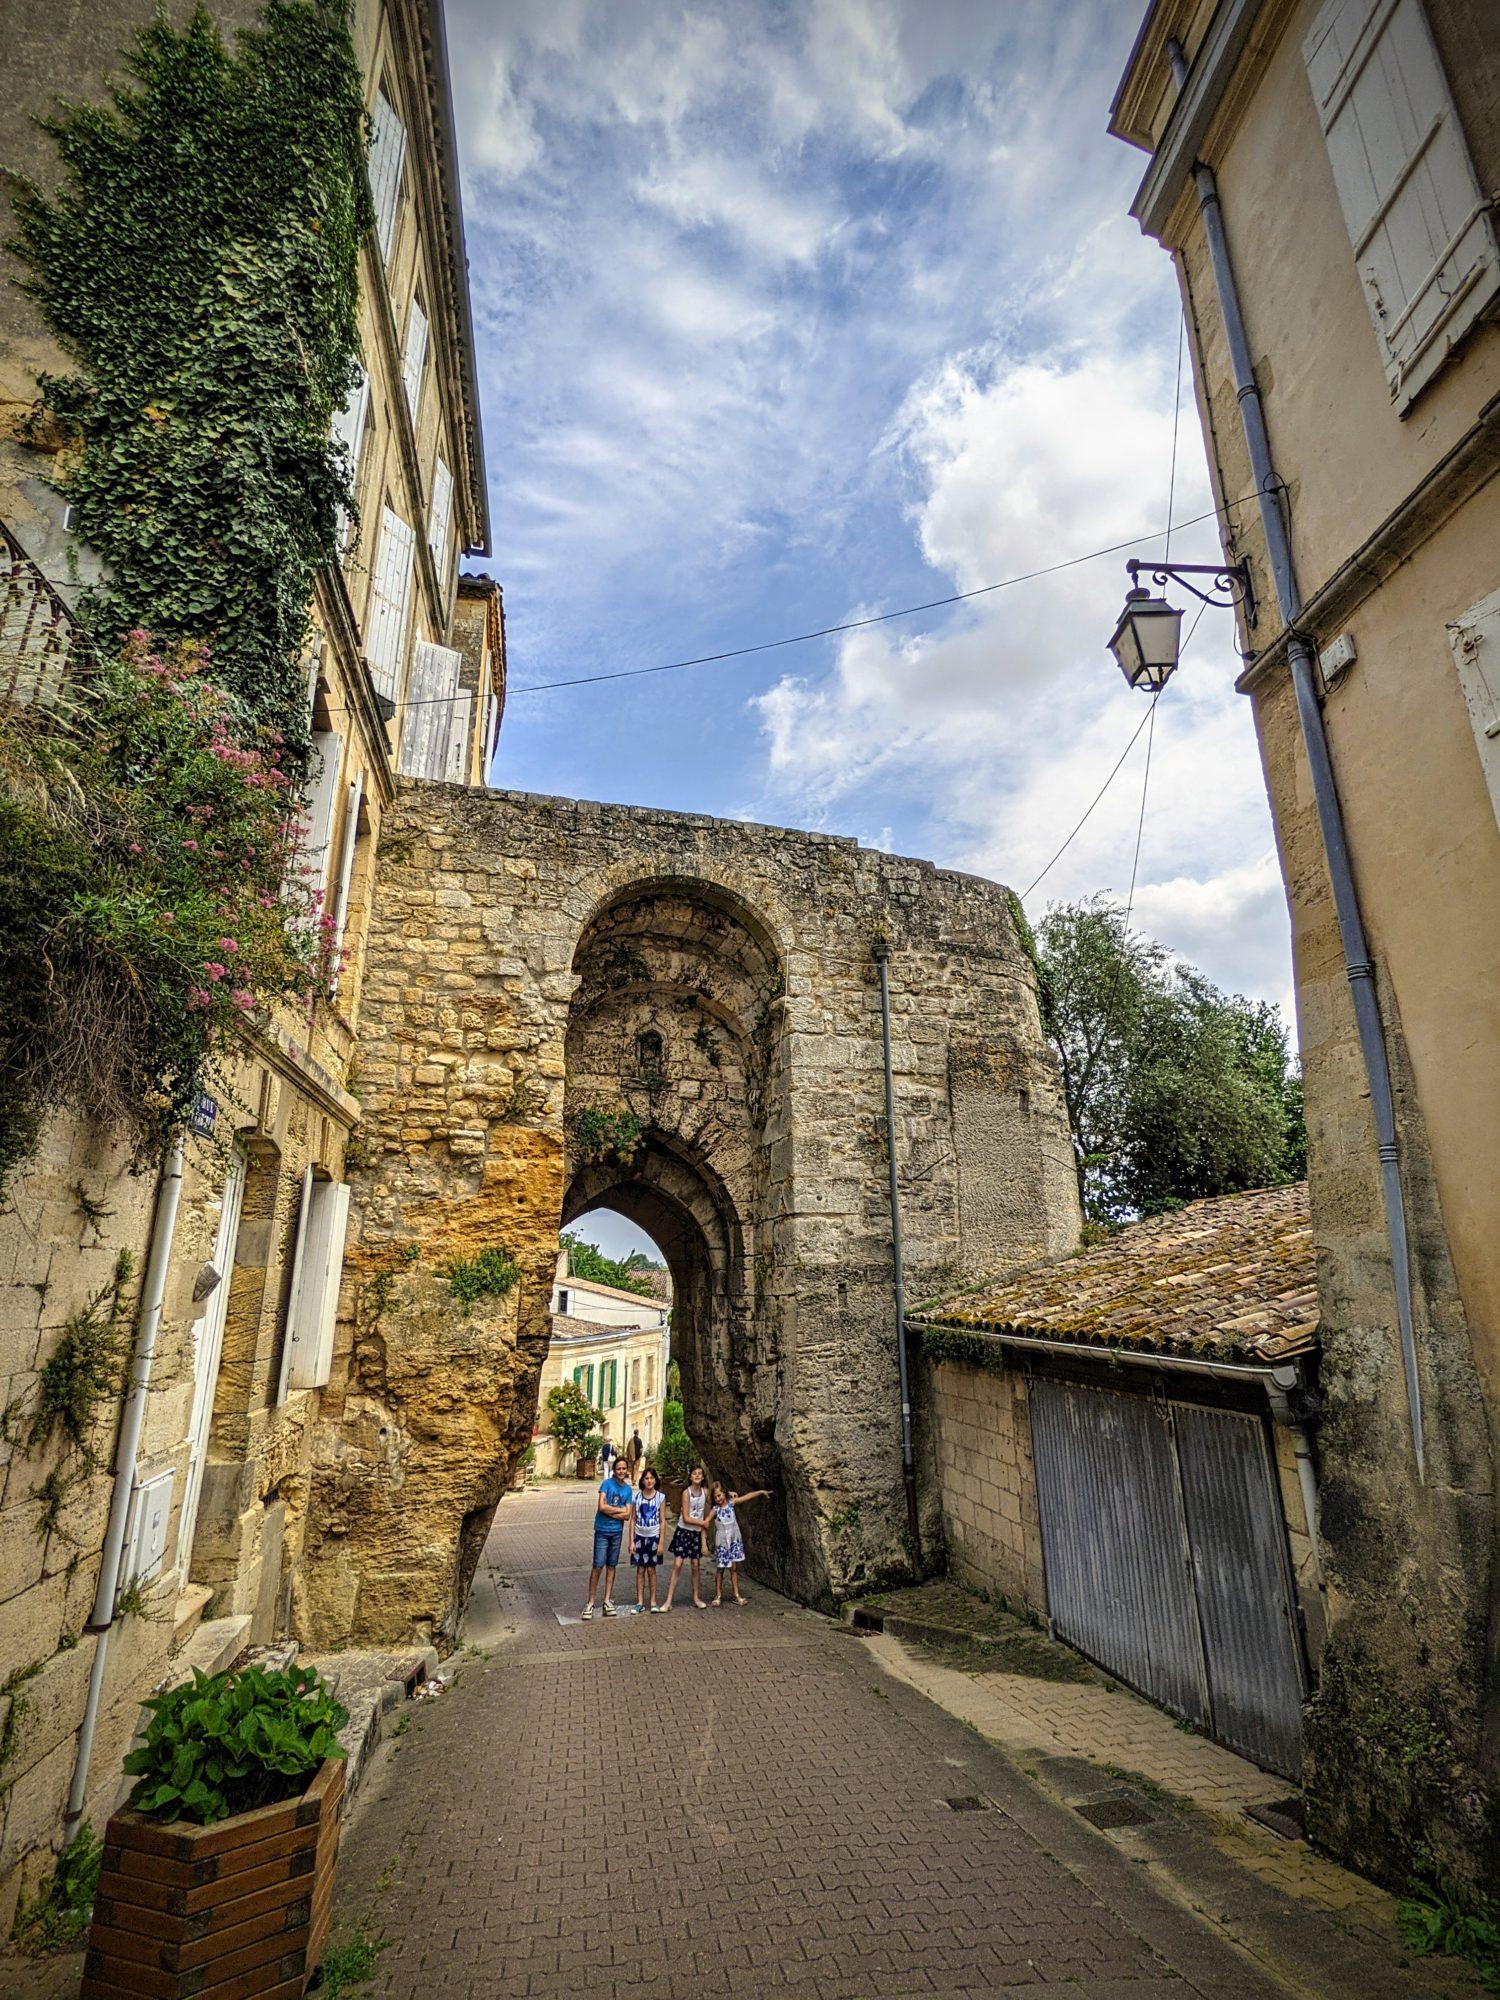 Oubliée, le vieux village de Bourg sur Gironde